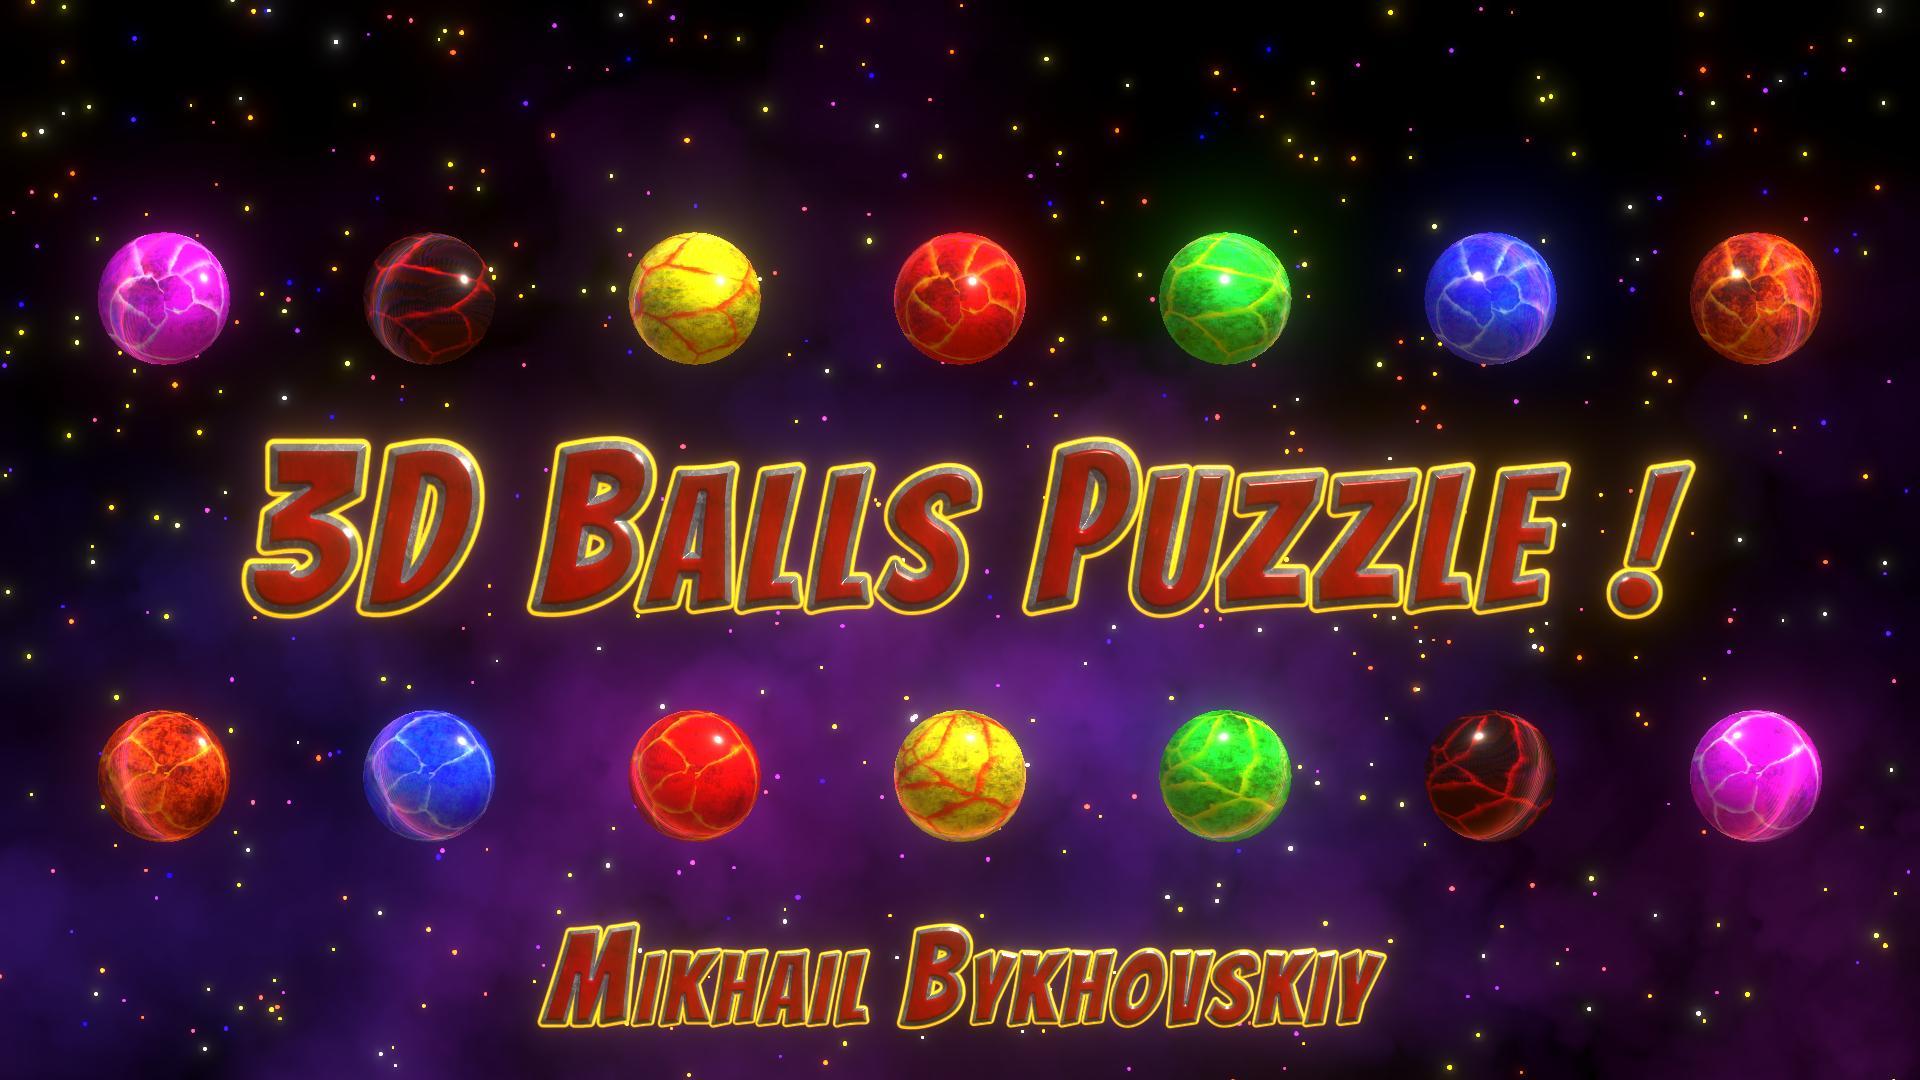 3D Balls Puzzle!